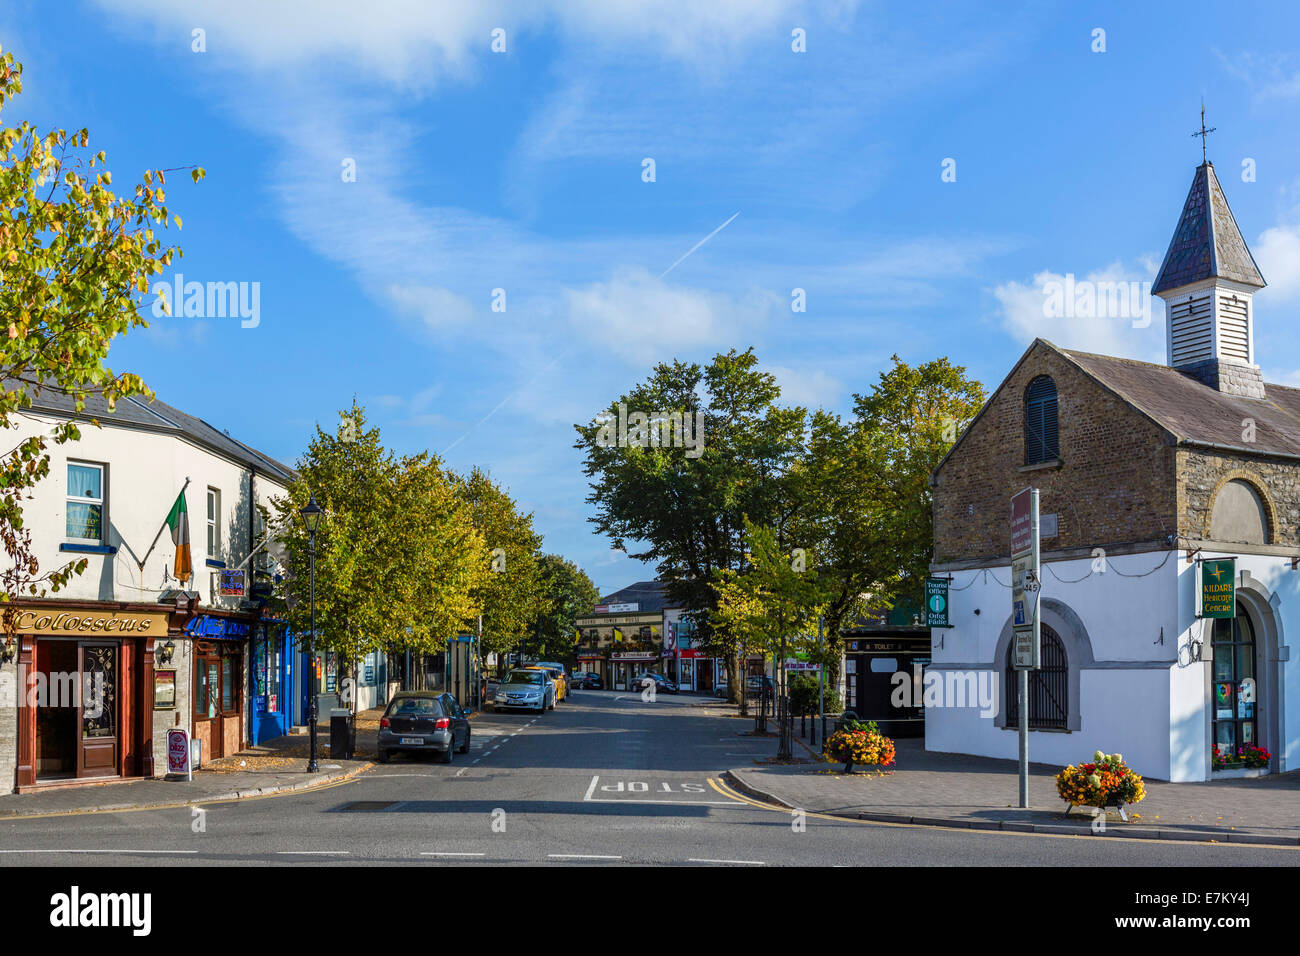 Market Square in the centre of Kildare Town, County Kildare, Republic of Ireland - Stock Image